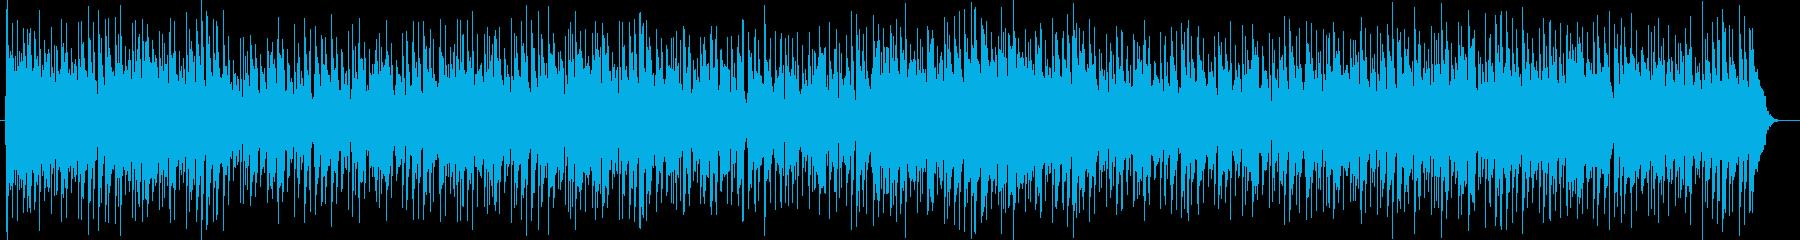 幻想的で爽やかなシンセポップスの再生済みの波形